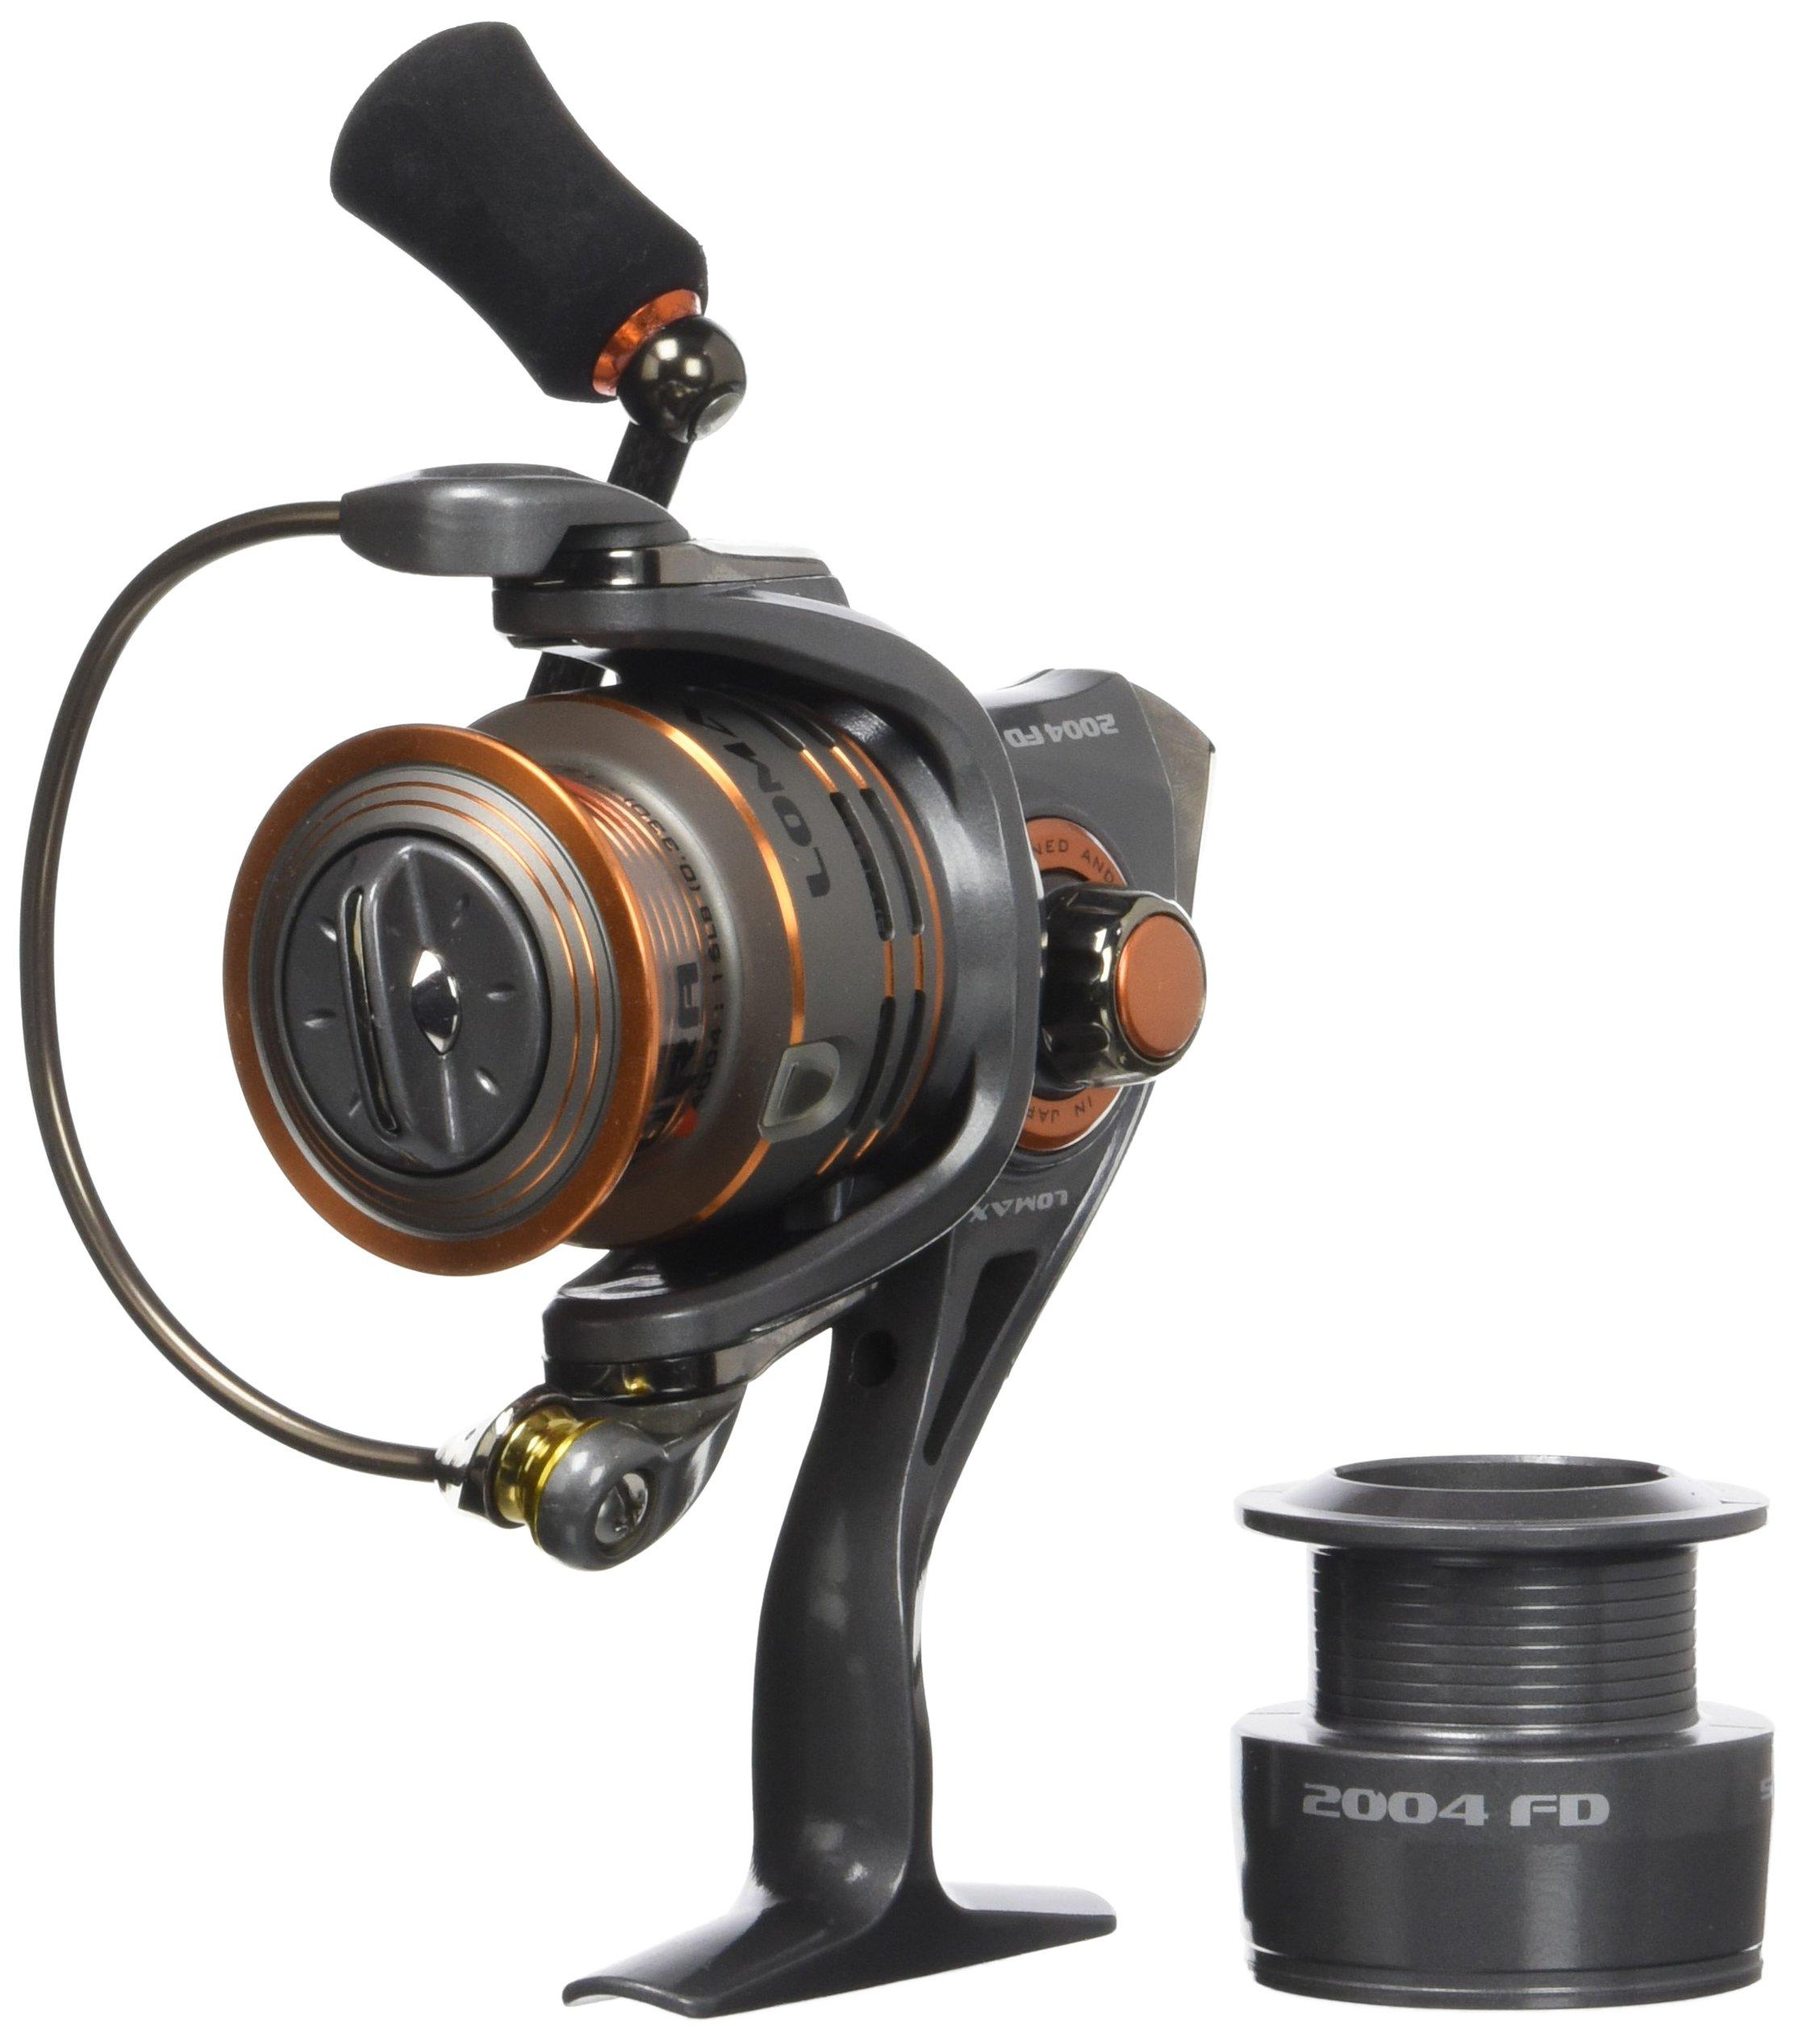 Sakura Lomax - Carrete de pesca de lanzado, talla 4004: Amazon.es ...